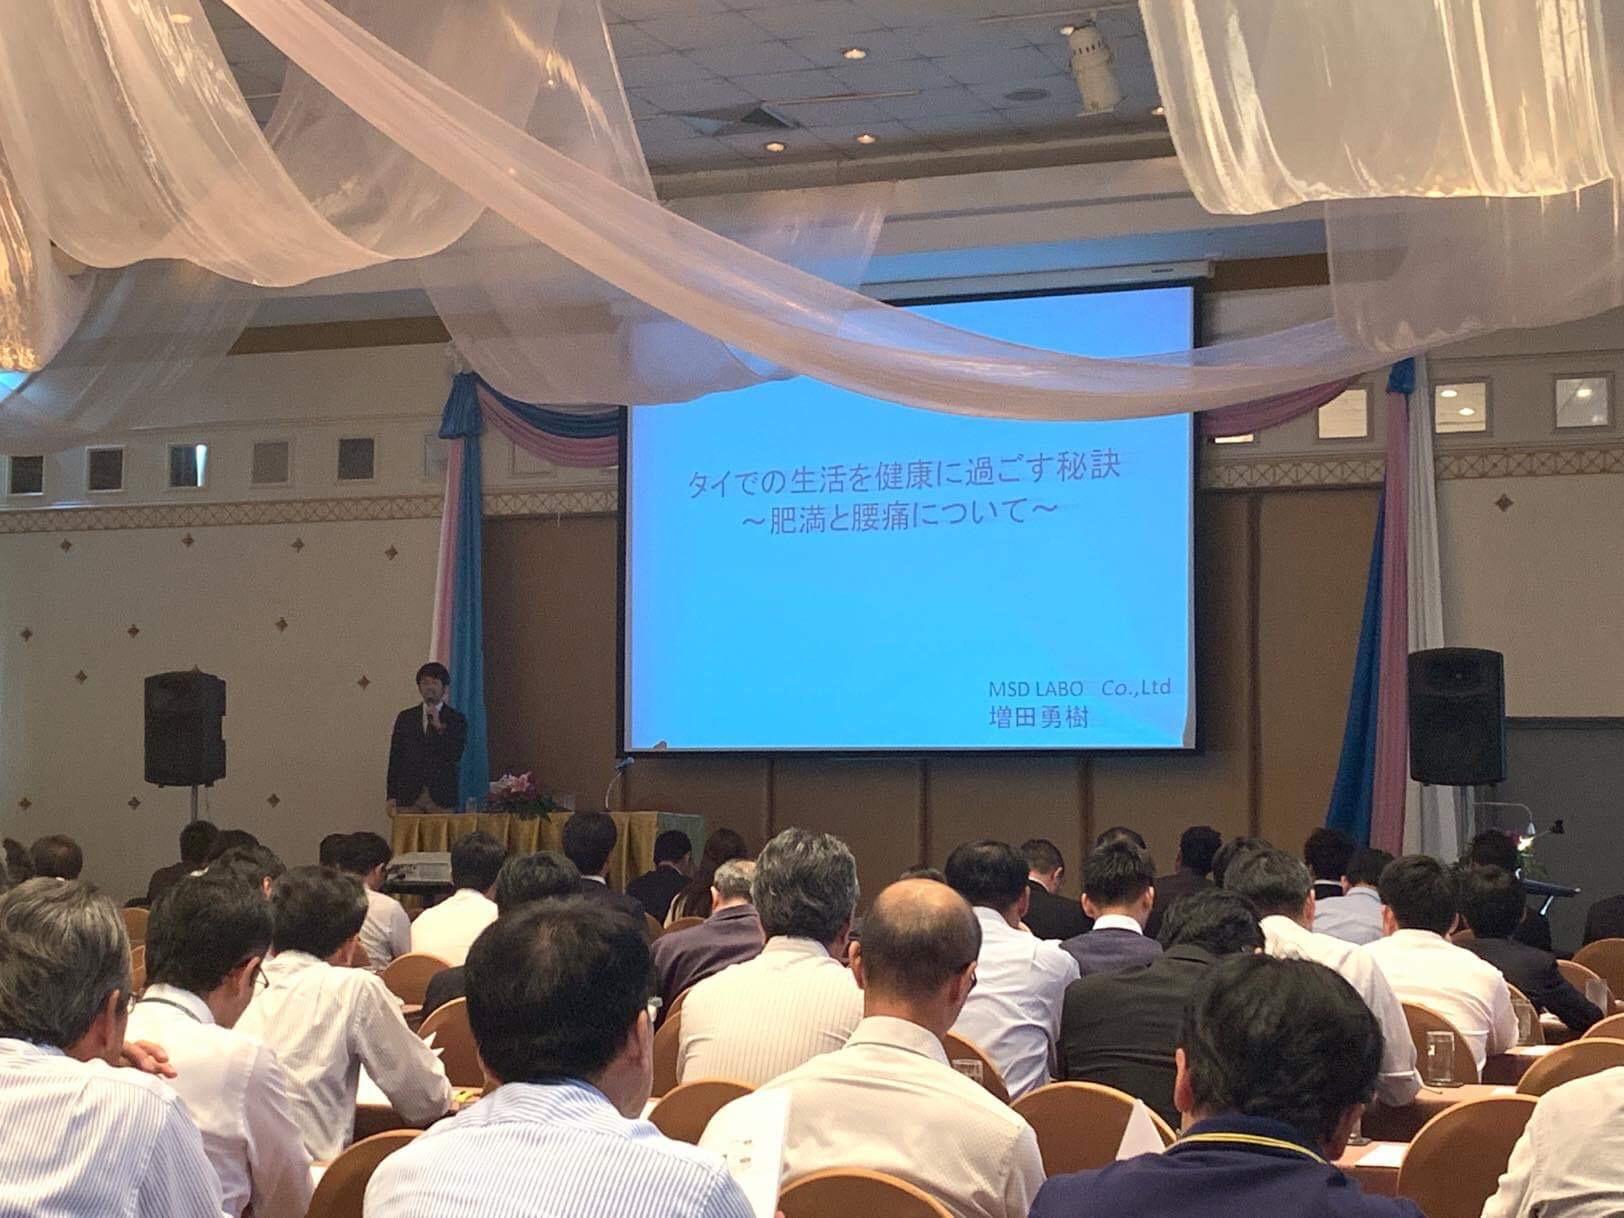 健康経営セミナー in Thailand